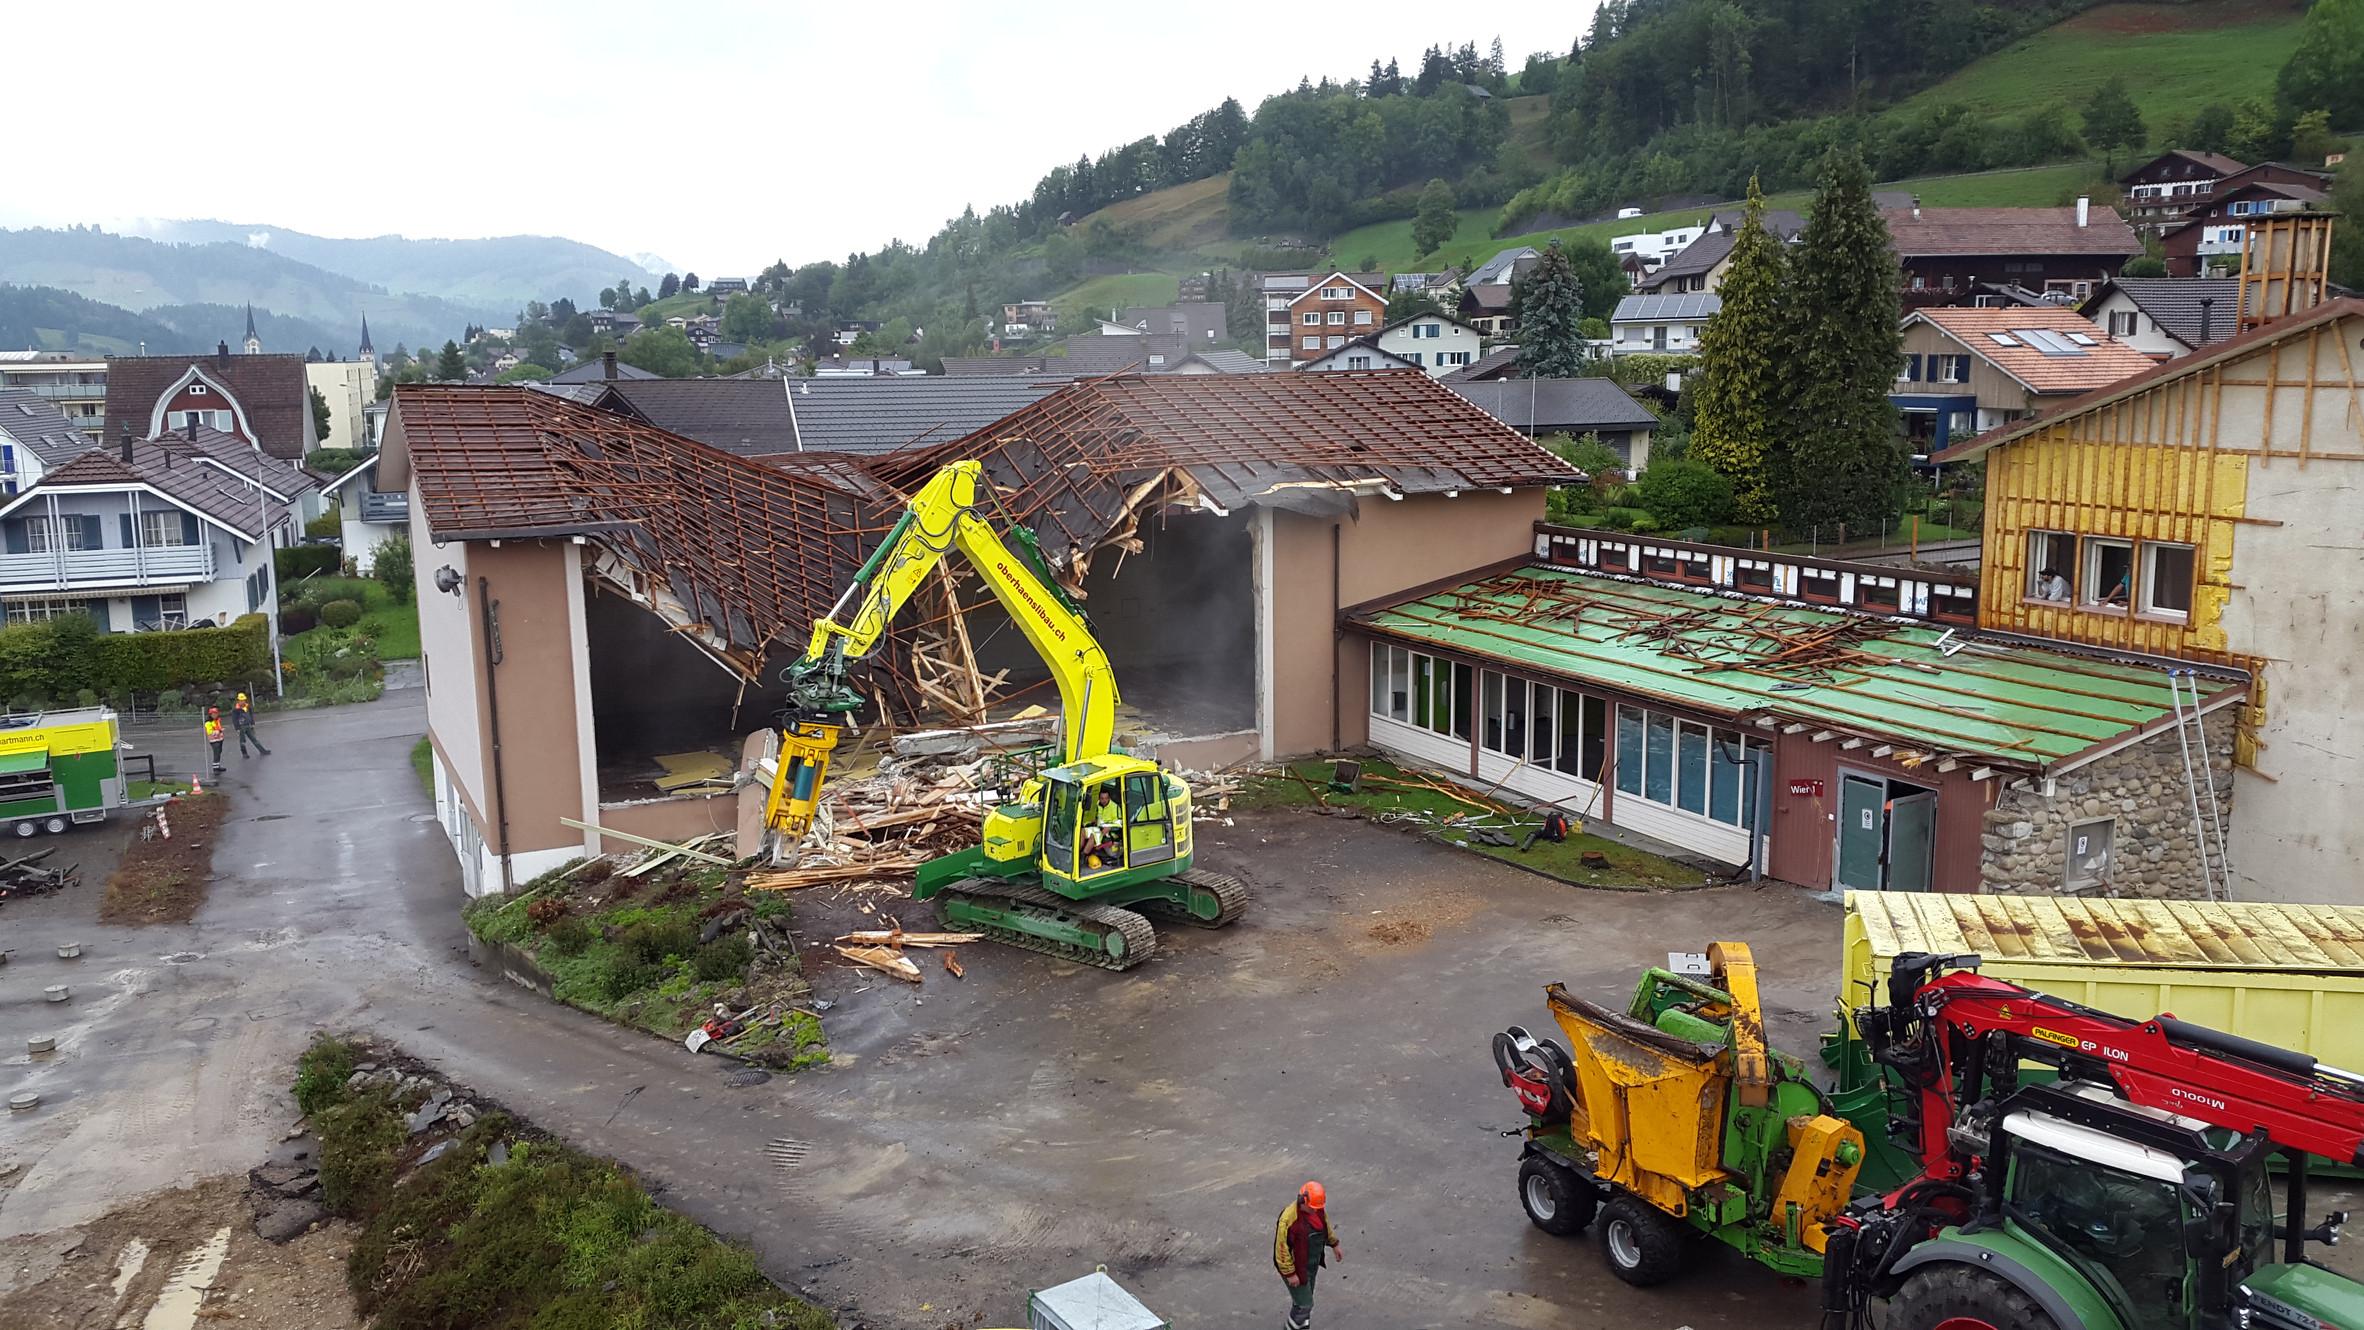 Rent House, chalet, rustico in St. Gallen - mxmbers.com